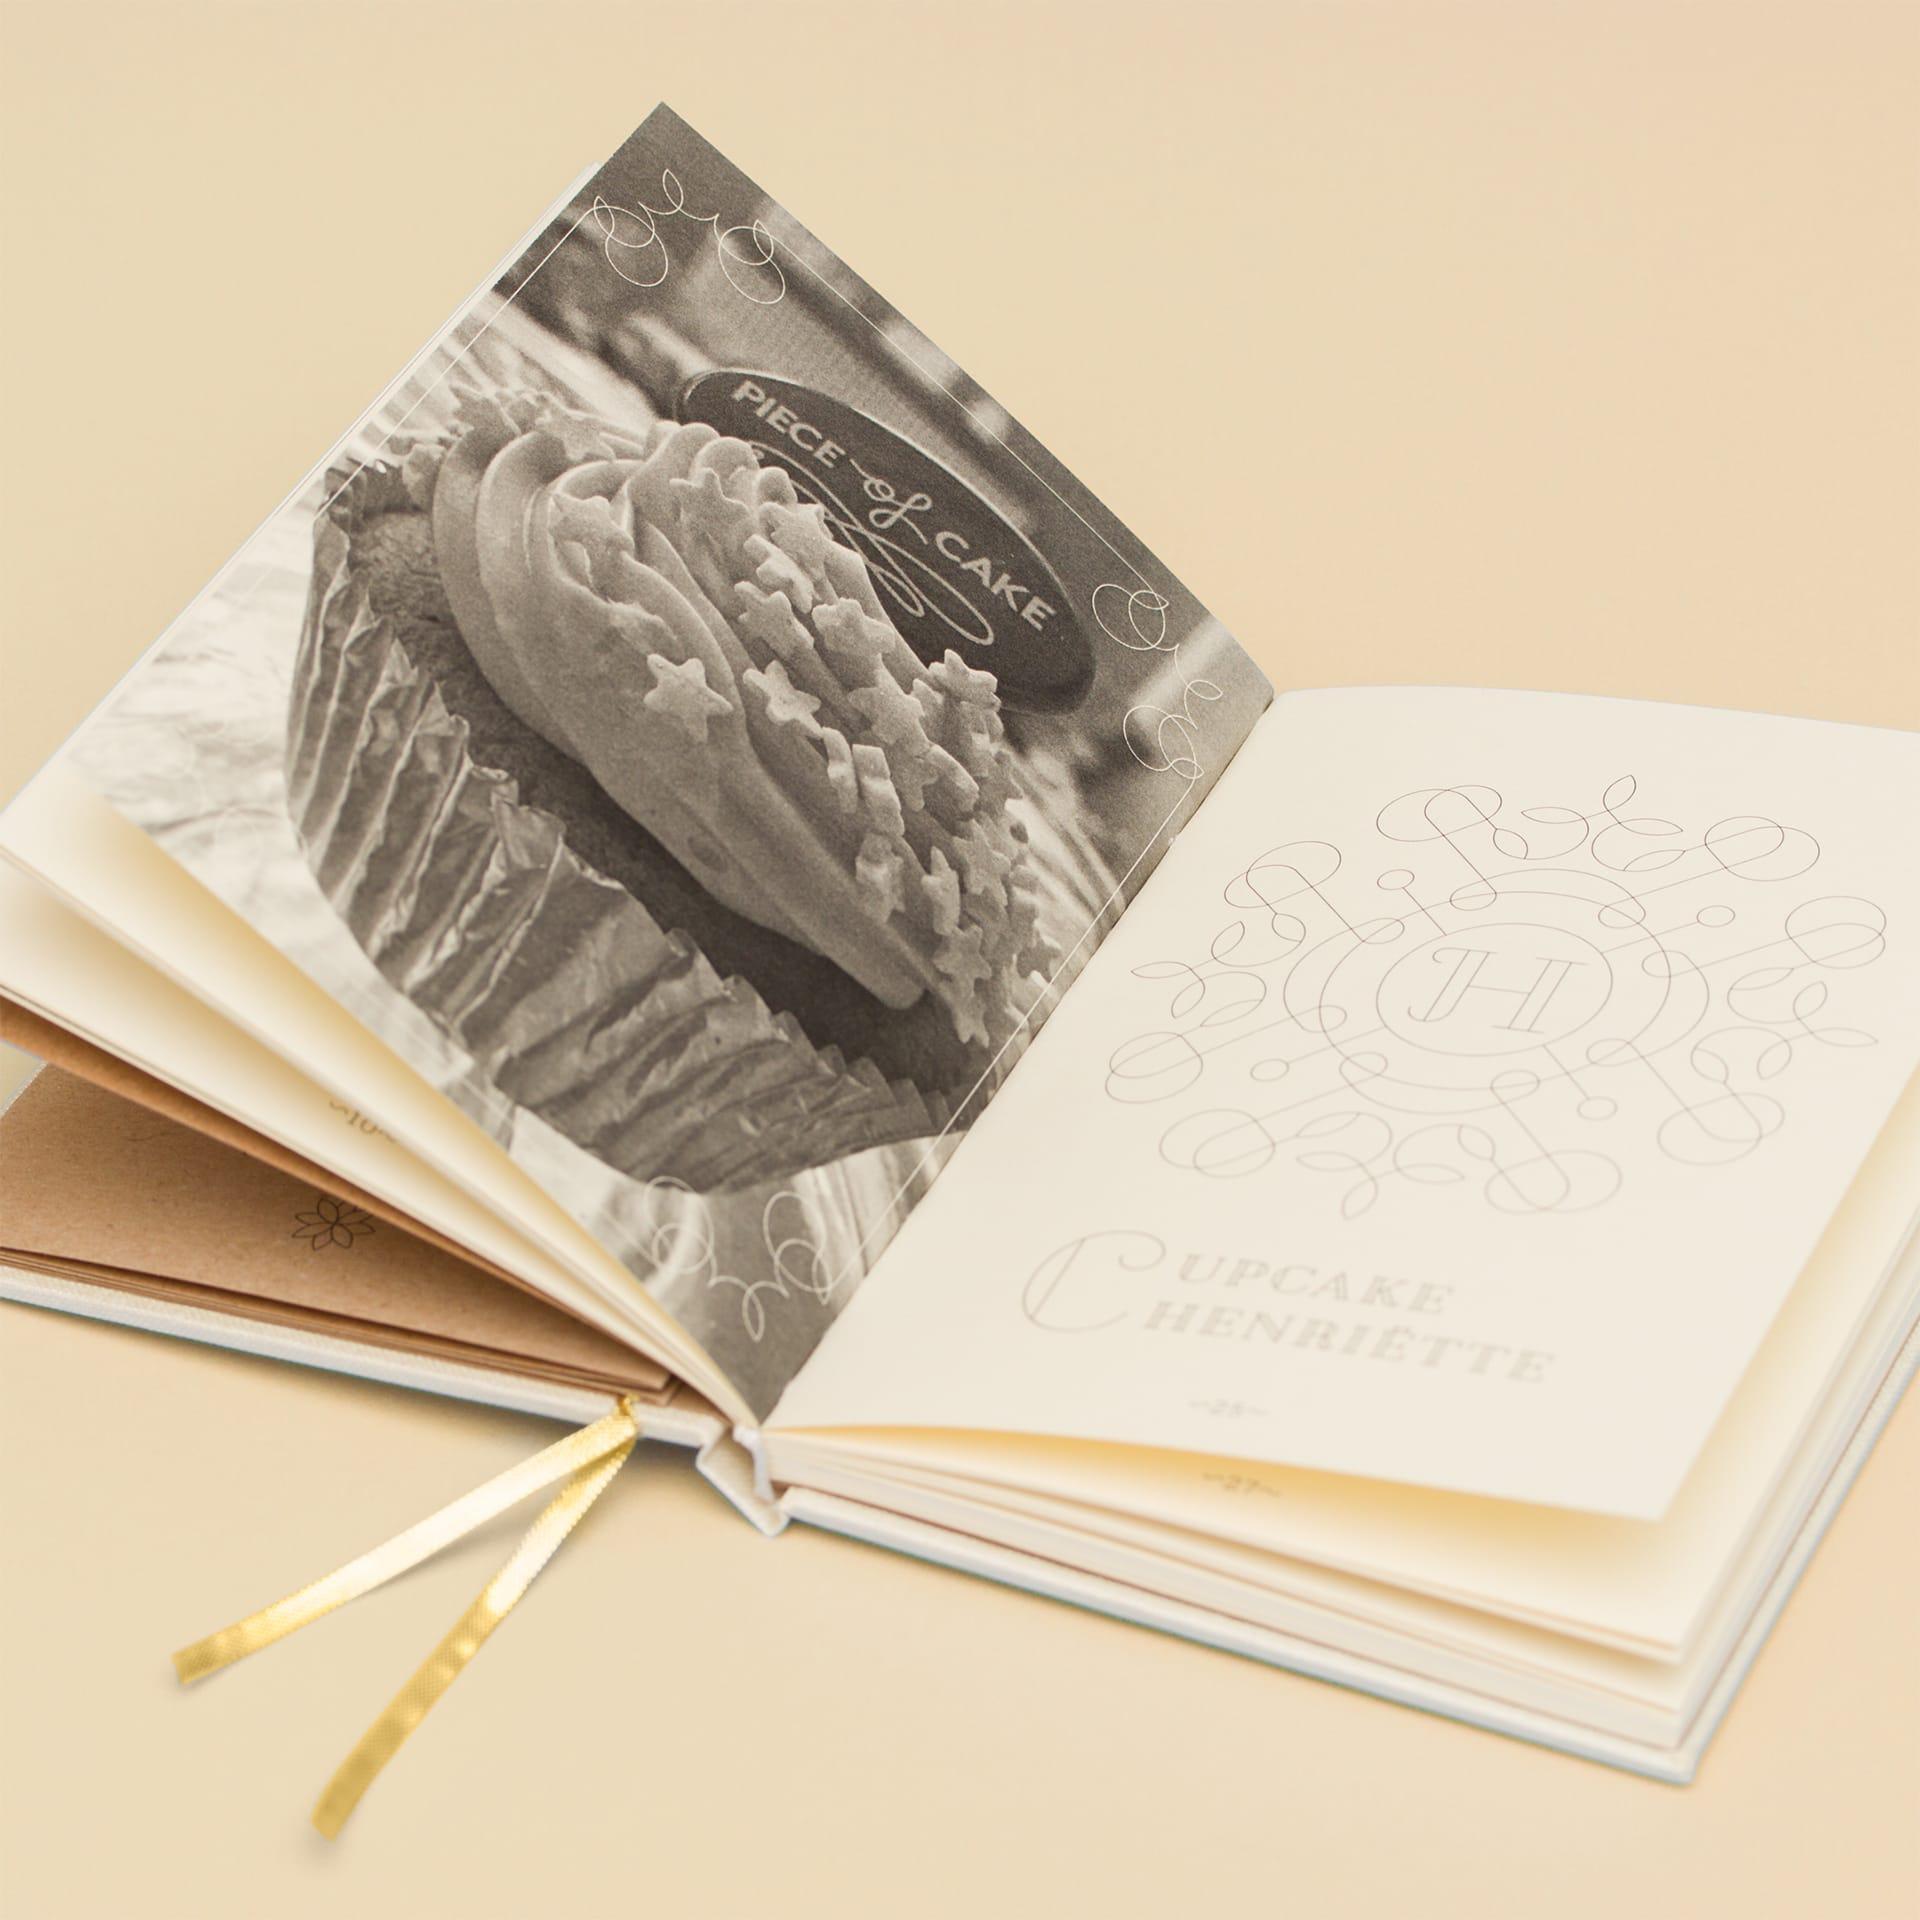 Menukaart met linnen en foliedruk en kraftpapier van Piece of Cake lunchroom met scones, cake, cupcakes, lunch en ontbijt, vlakbij het Vrijthof in de Bredestraat in Maastricht